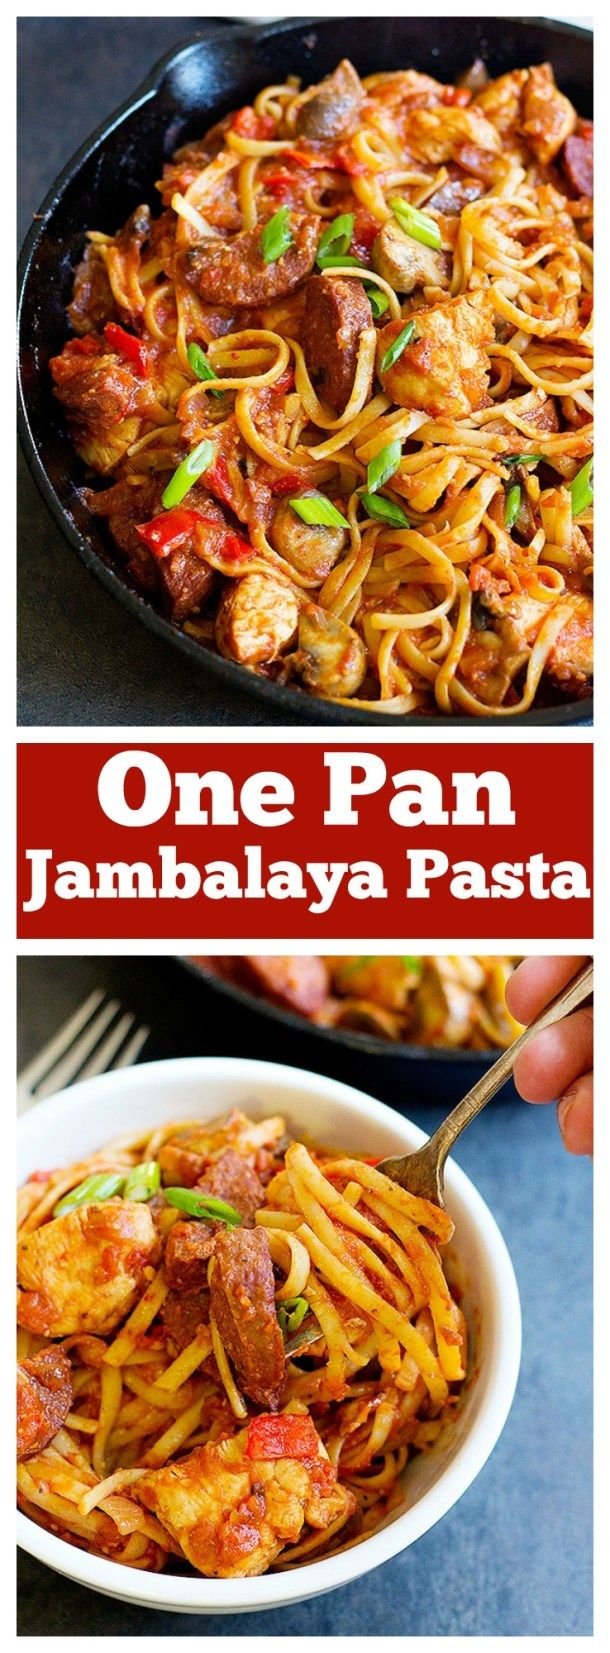 jambalaya pasta   jambalaya pasta recipe   jambalaya pasta Cajun   jambalaya pasta creamy   unicornsinthekitchen.com